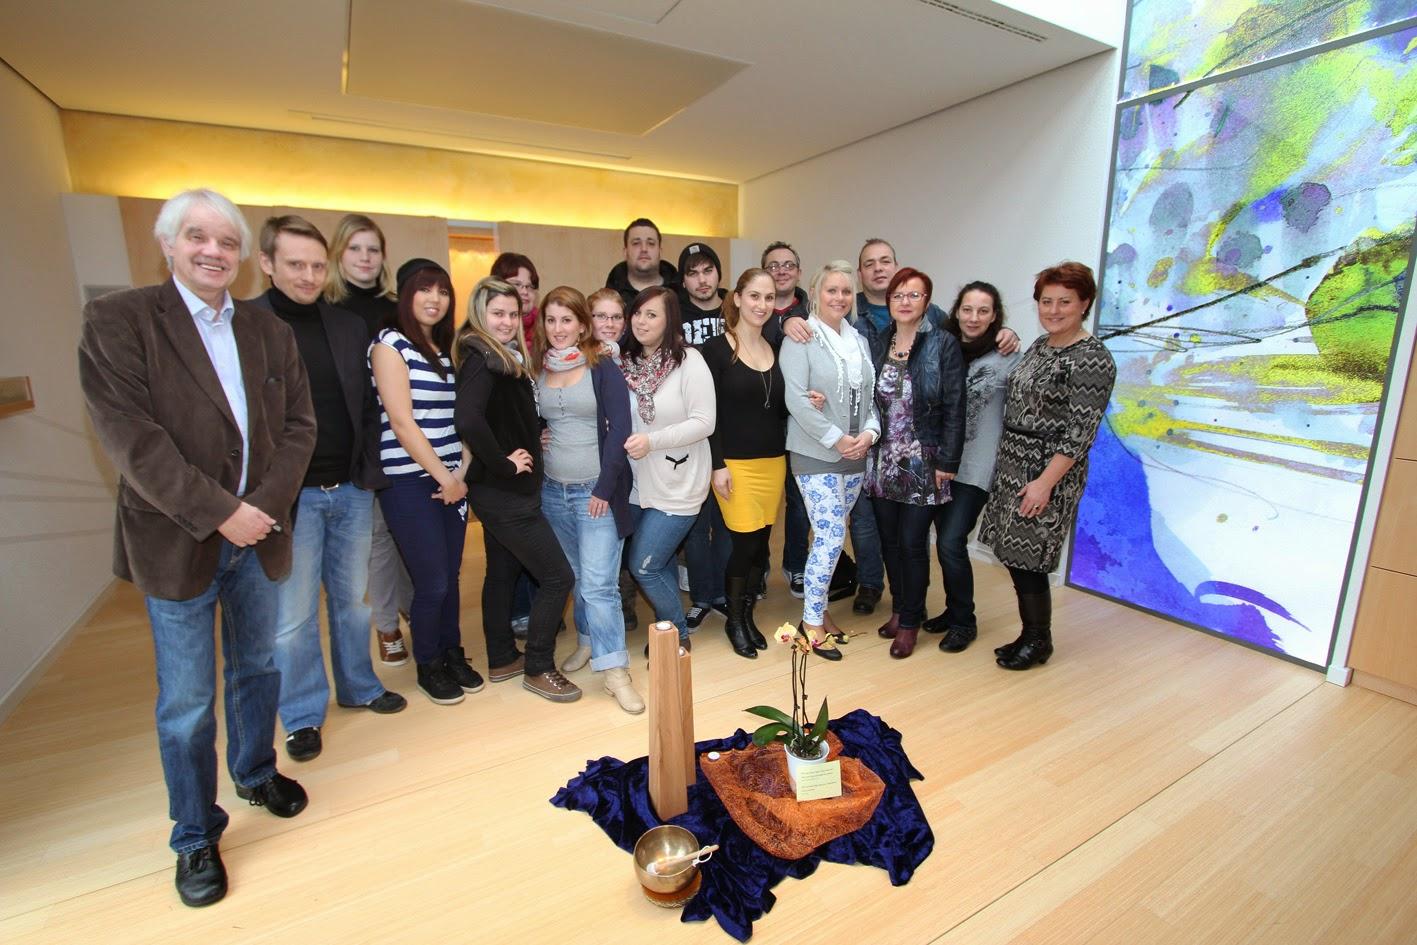 """Im neuen """"Raum der Stille"""" der Fachhochschule entstand das Foto des Altenpflegekurses 4/11 mit ihren Dozenten Eva Hartmann (rechts) und Michael Winkler. (Foto: Christine Fernkorn)"""